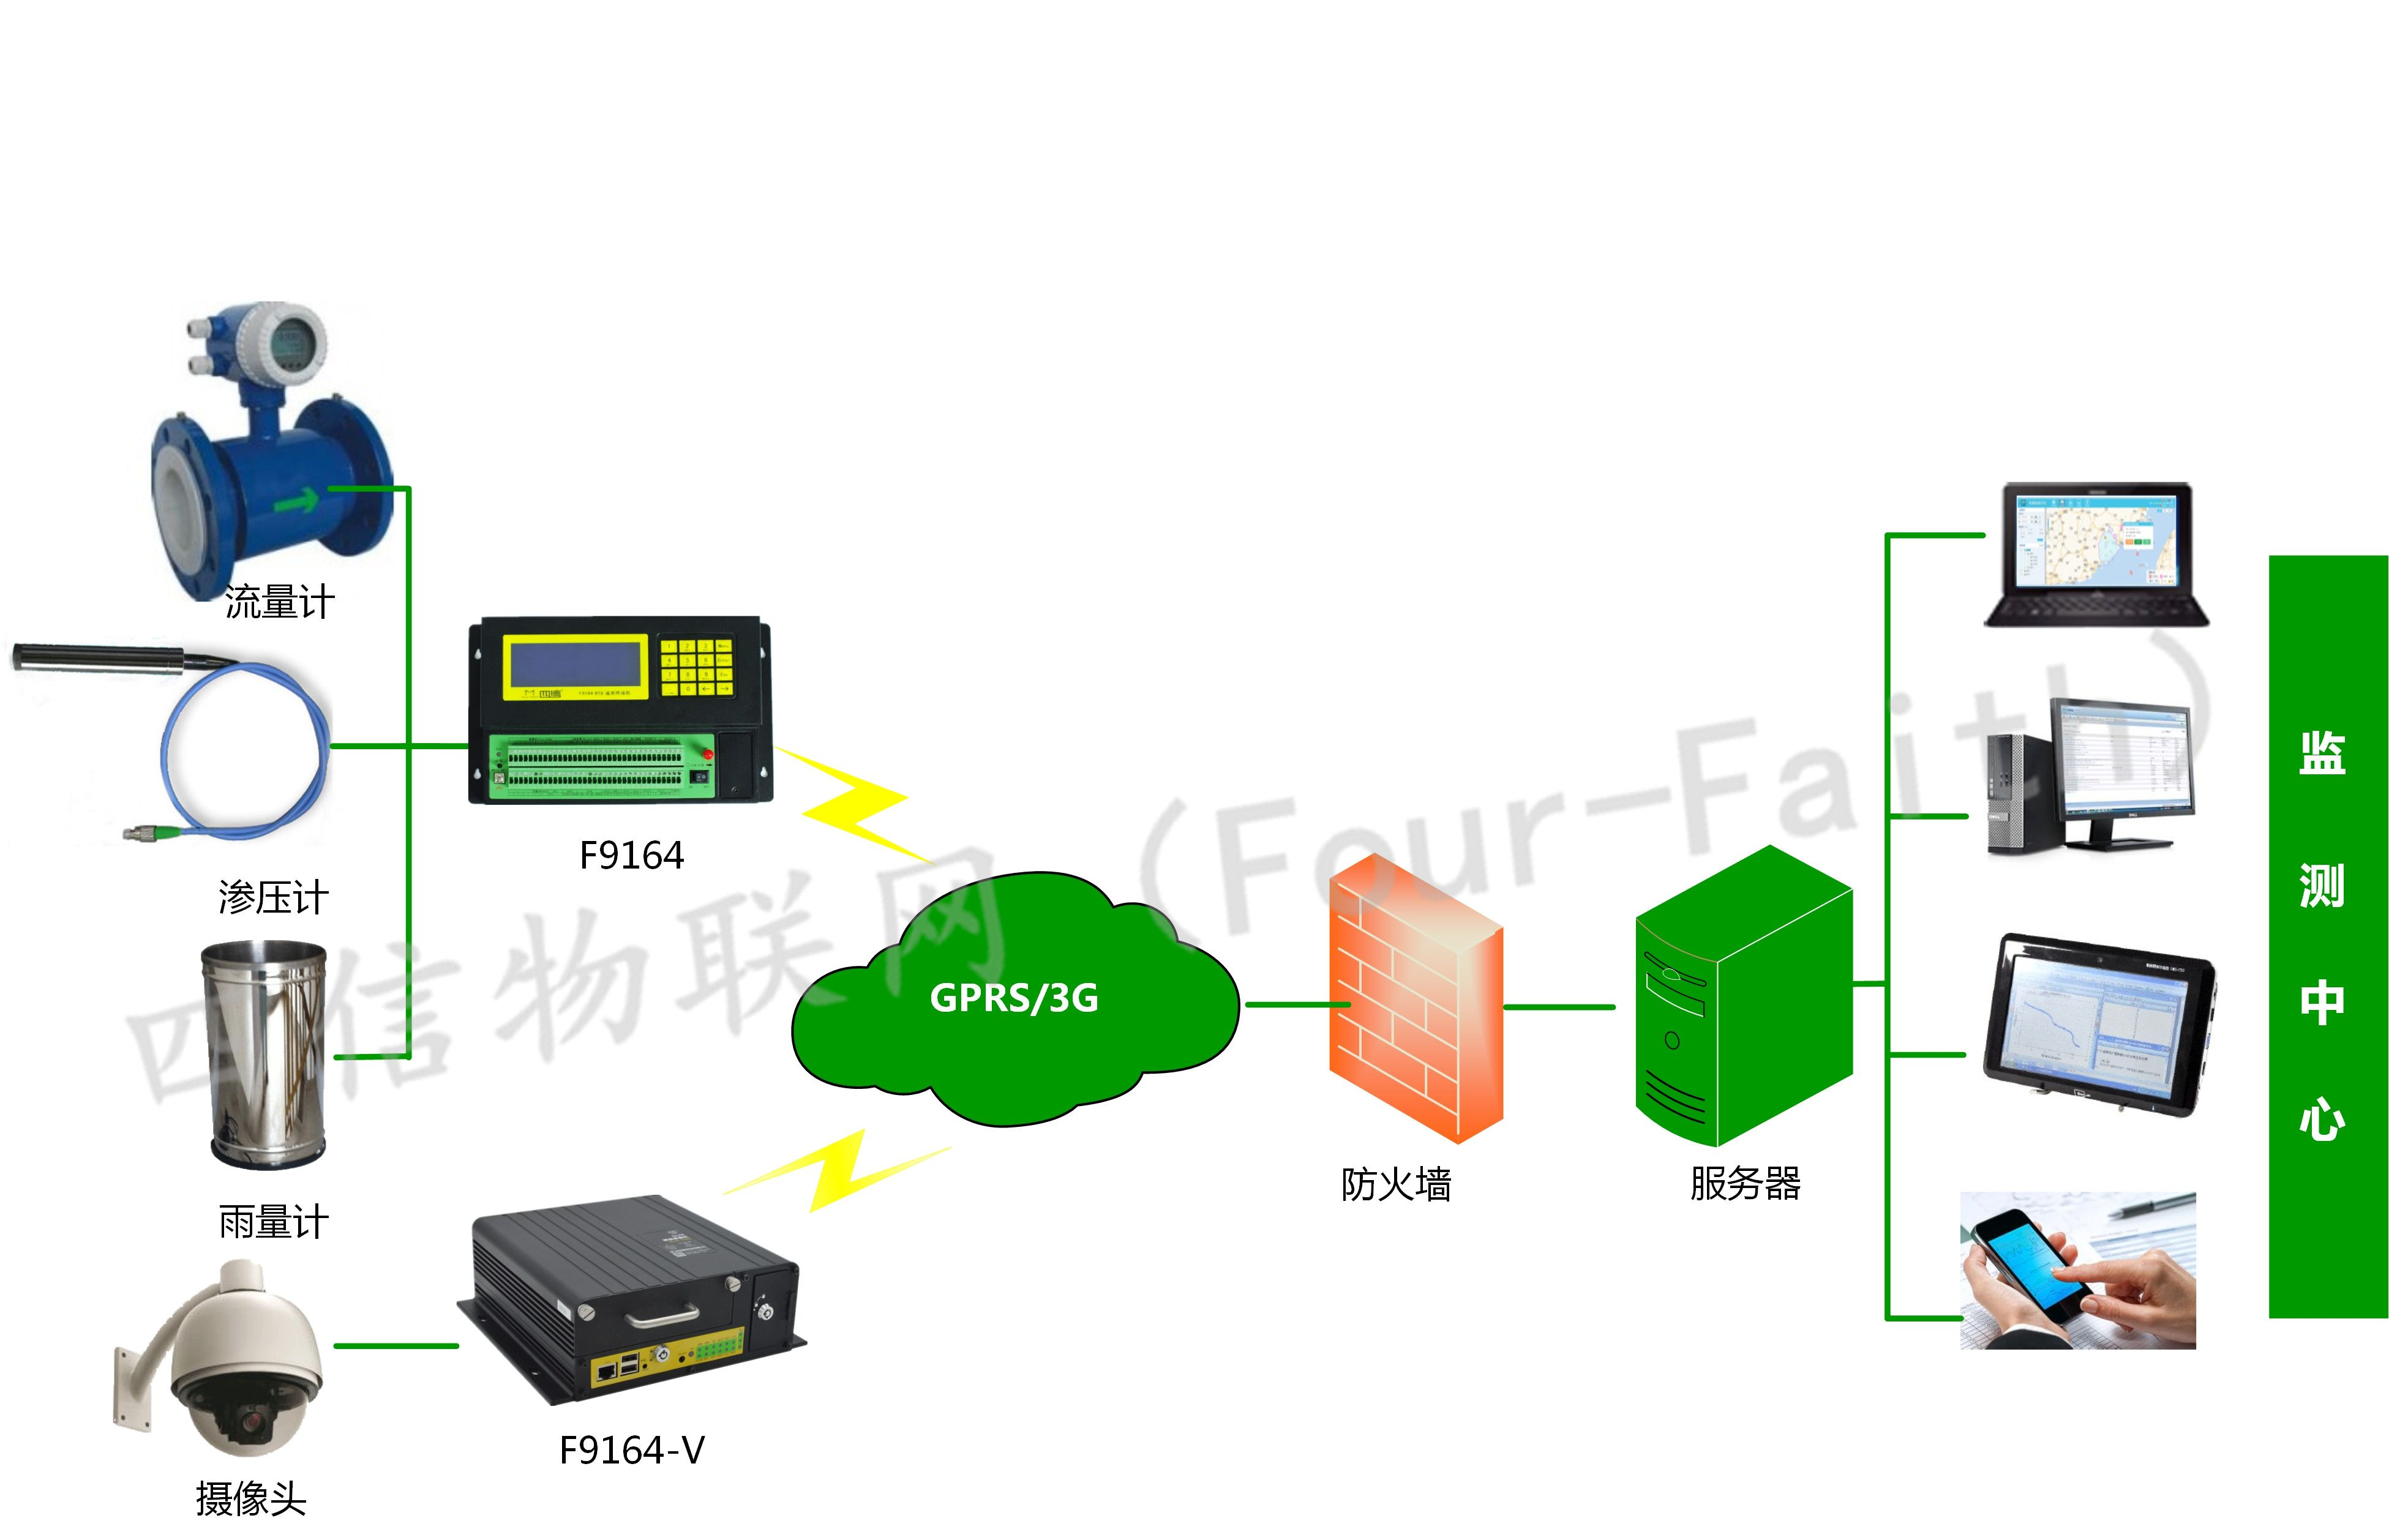 工情监测系统_水库工情安全监测系统_水电站工情安全监测软件_工情安全监测设备-拓扑图